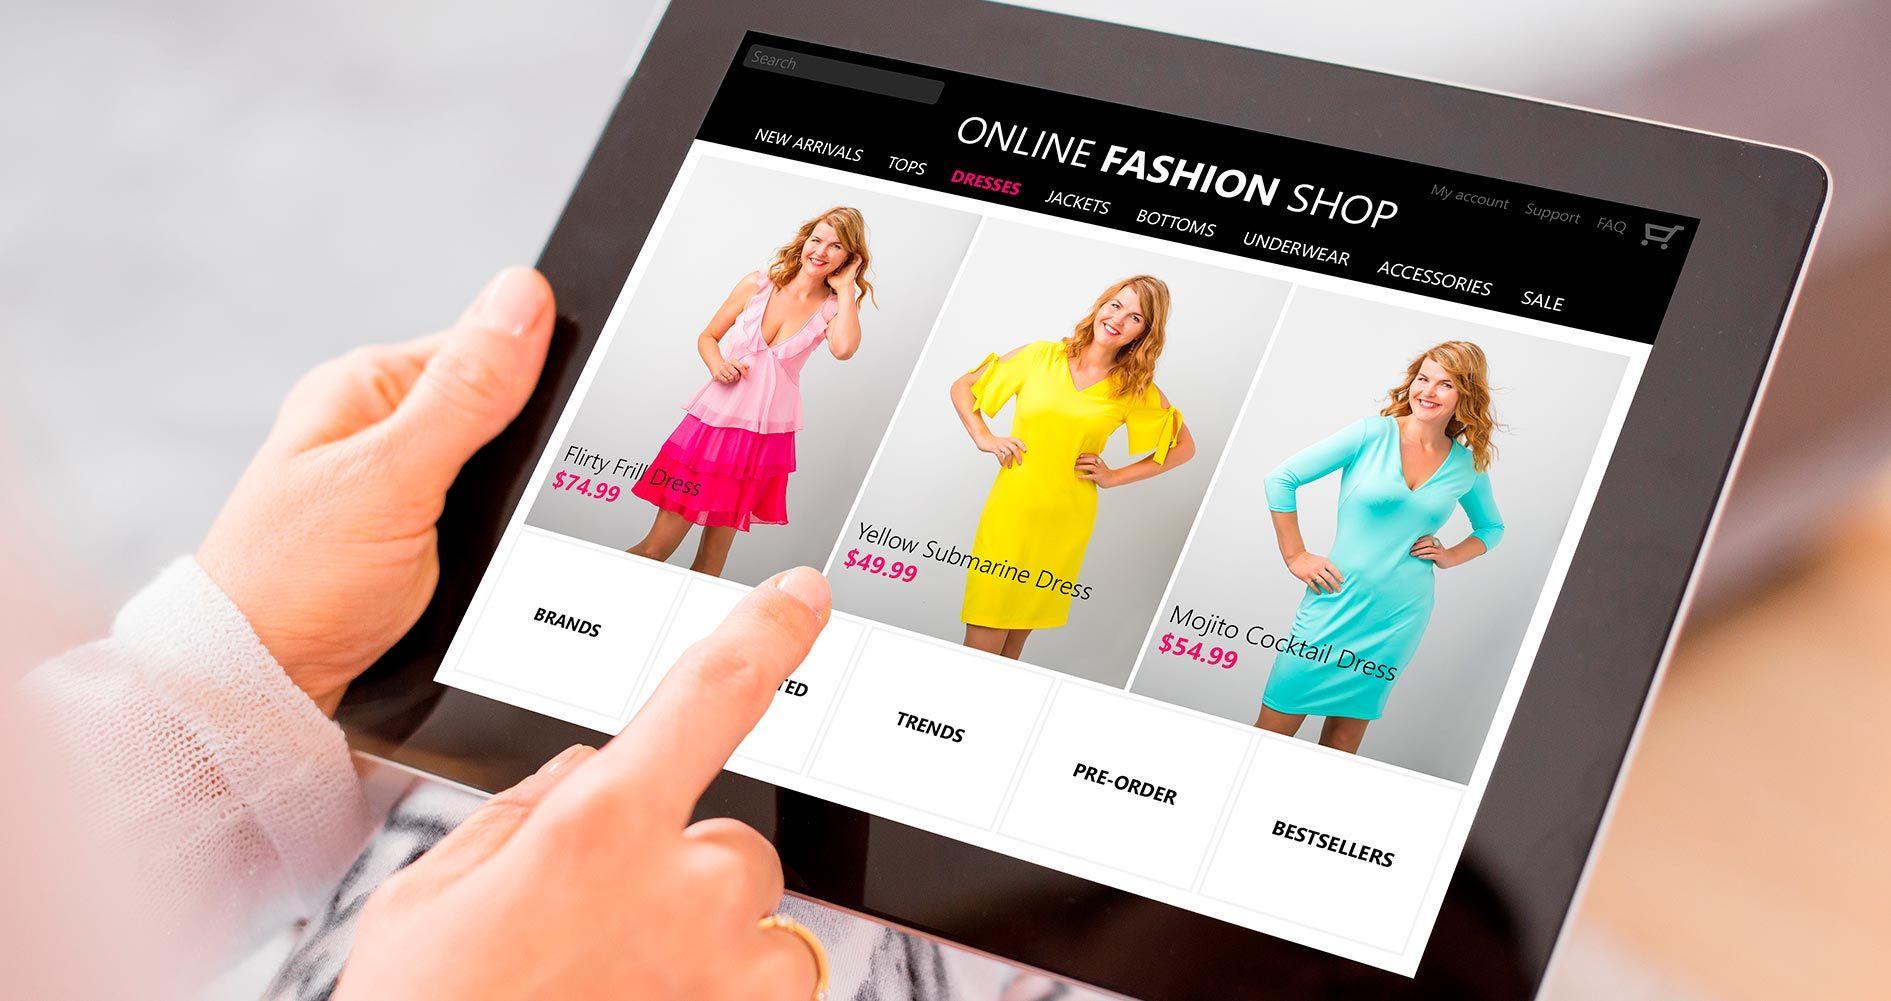 Marketing digital es la combinación perfecta para que su marca de moda venda más